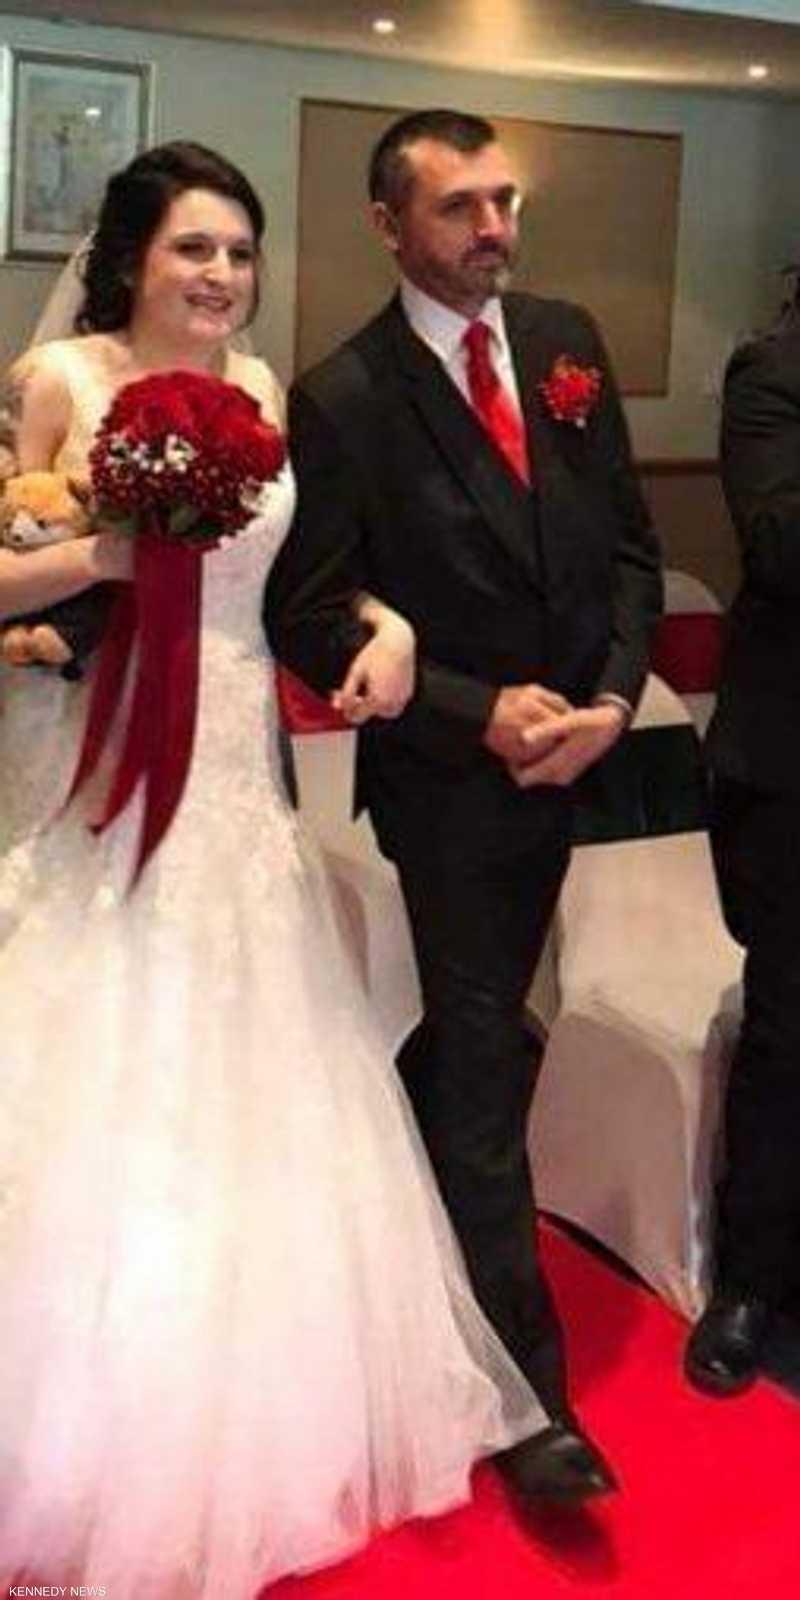 بالصور العروس وعريسها ورفيق ليلة الزفاف أخبار سكاي نيوز عربية